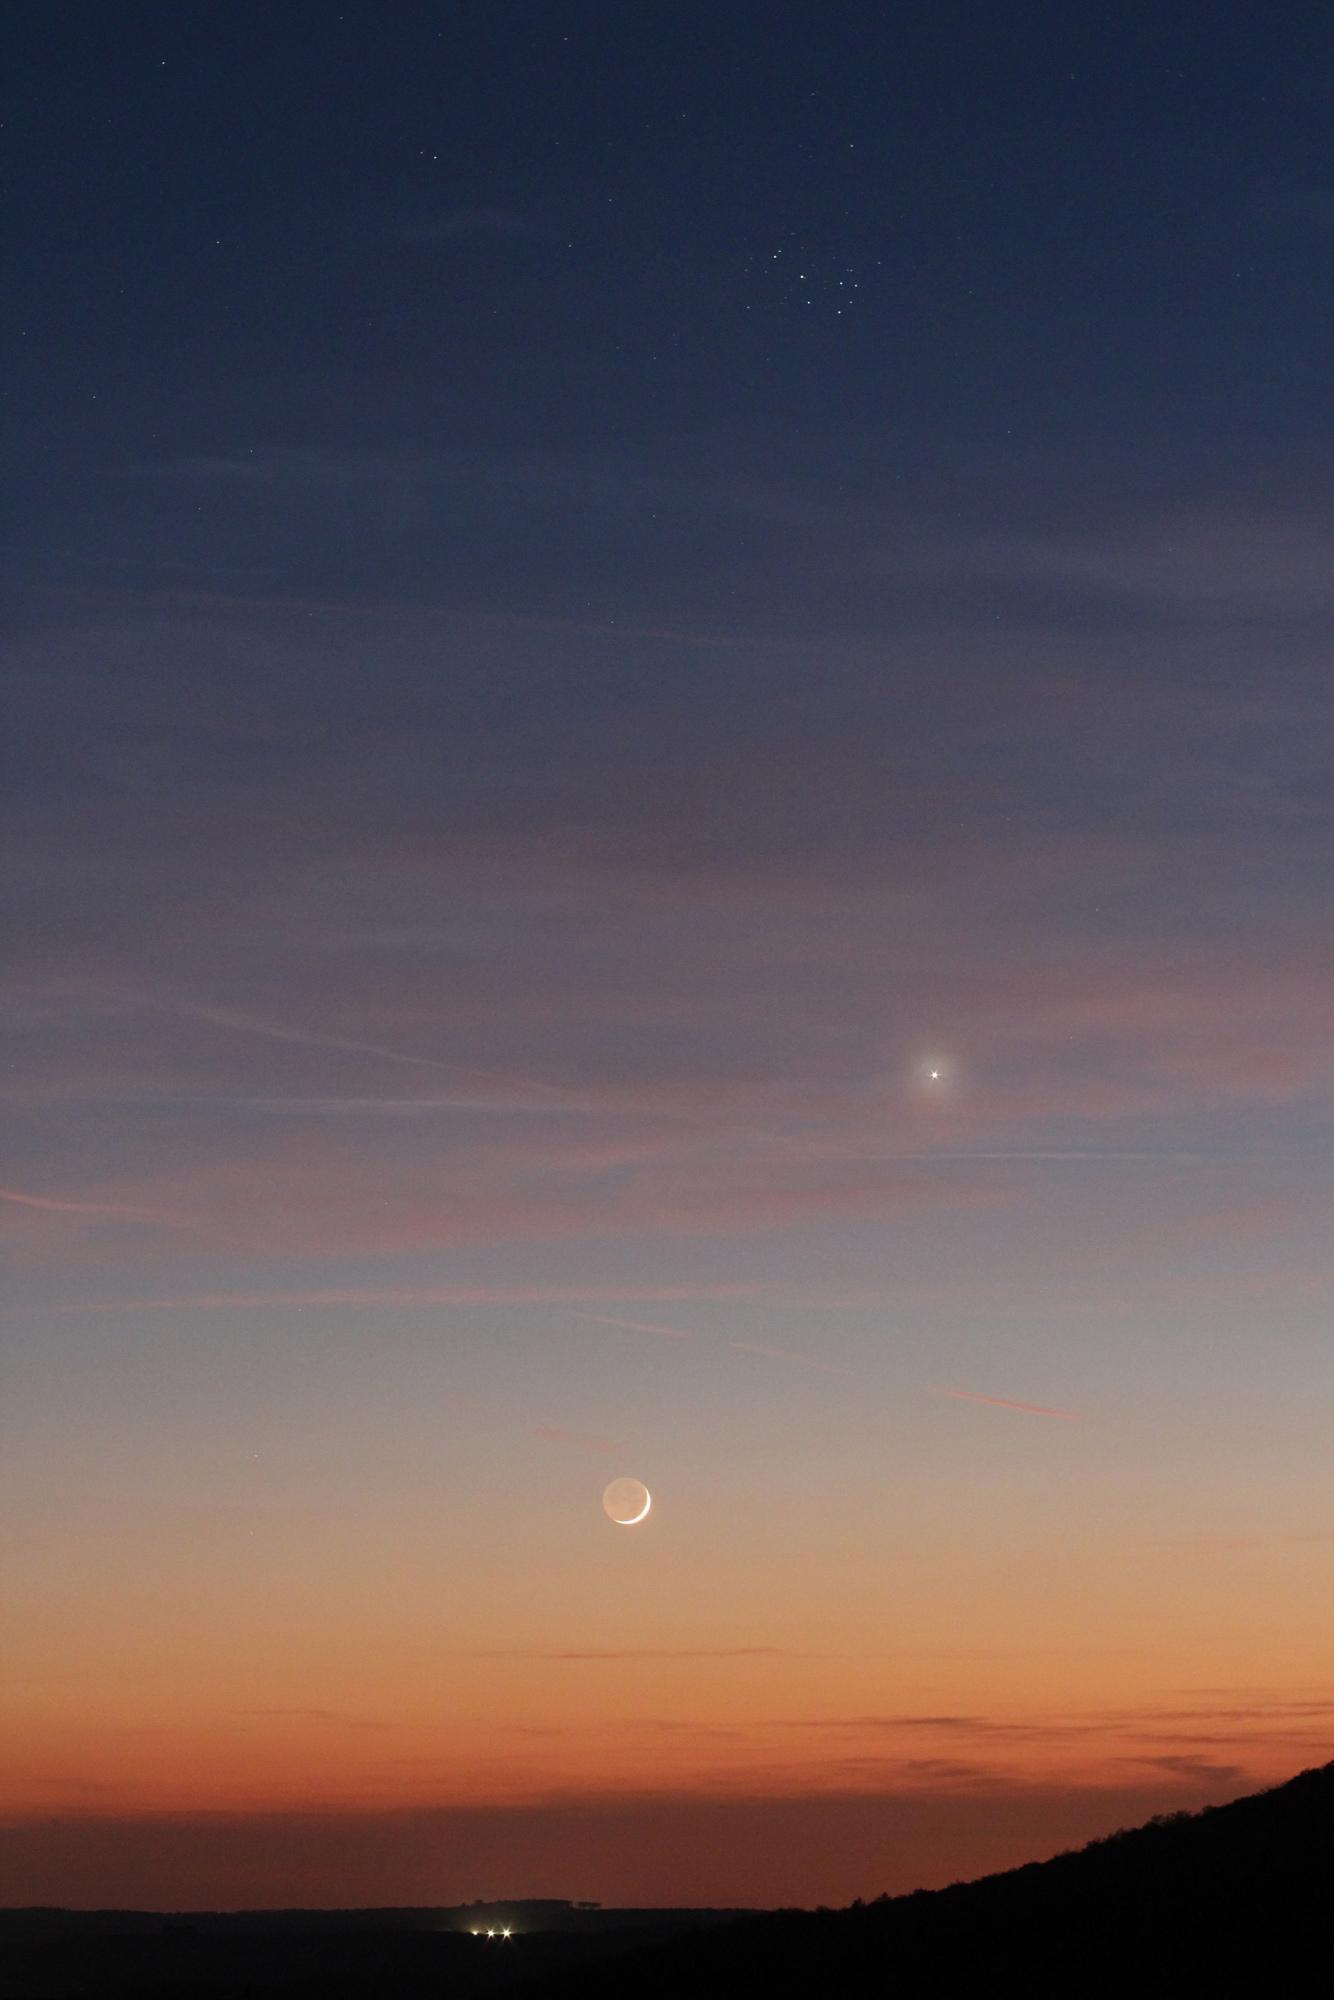 5ad6563c839ee_vnus-lune-pliadesrduite.thumb.JPG.0c465f56d7ae51747c76c4c2371a528f.JPG